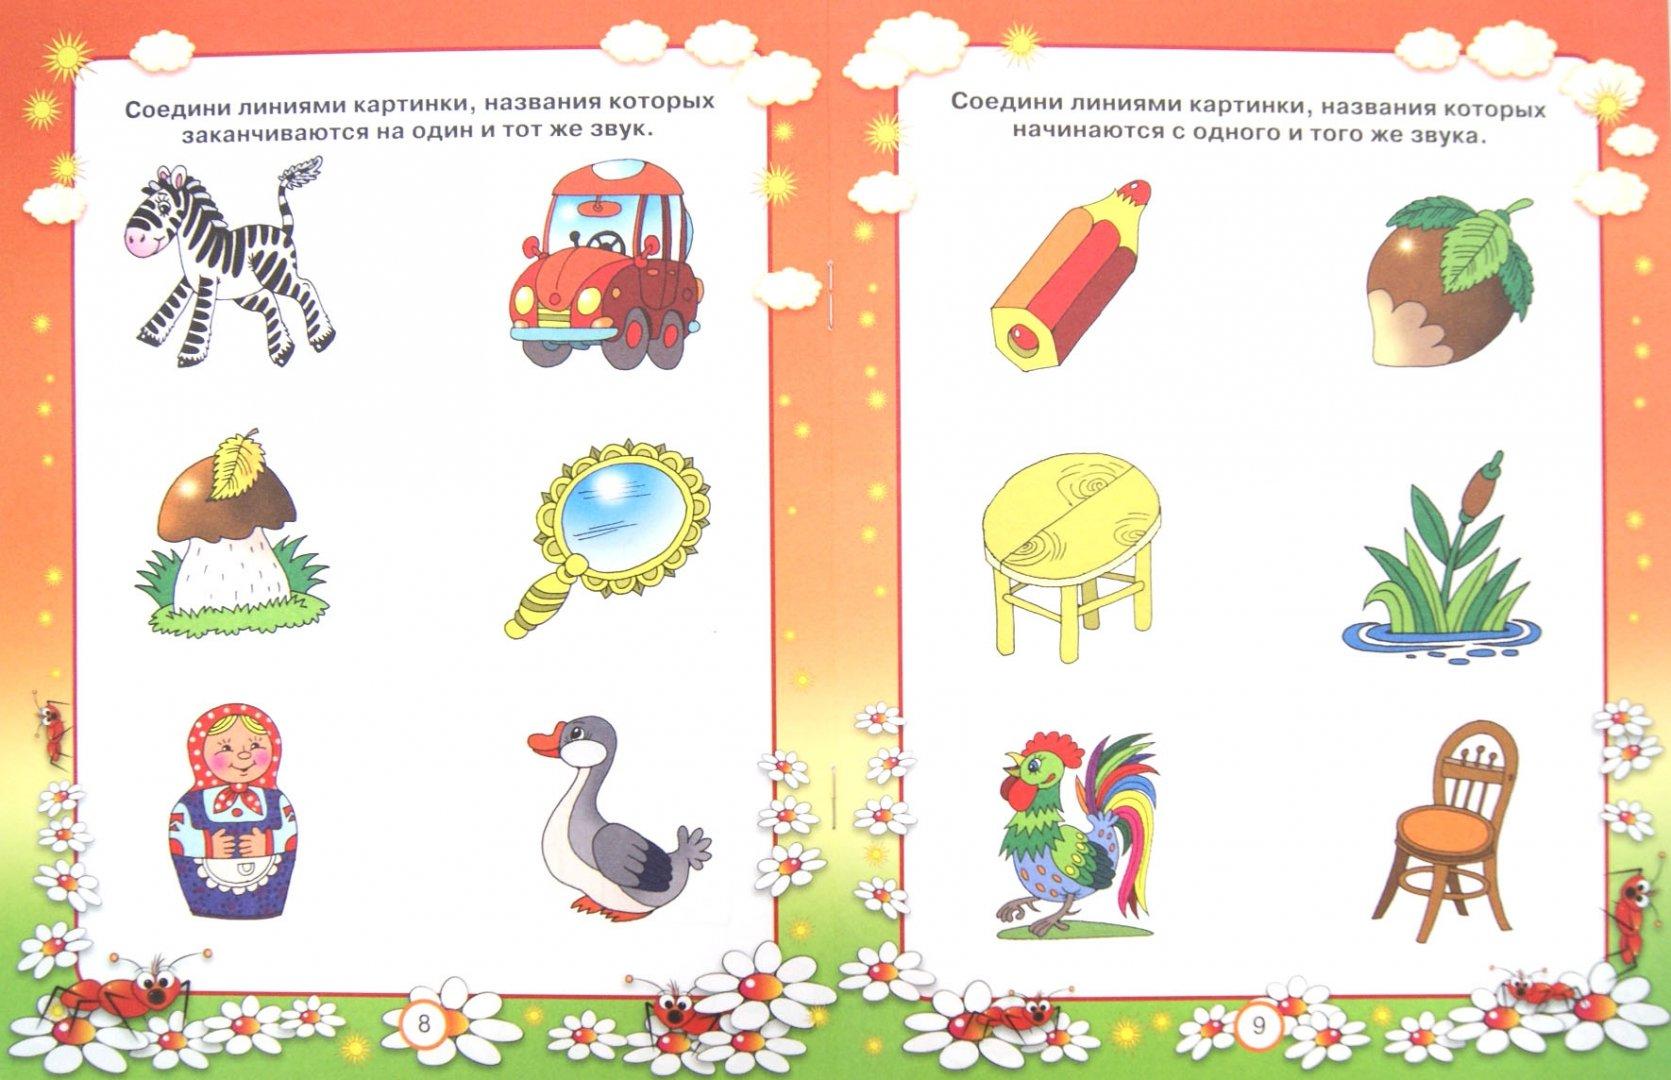 Иллюстрация 1 из 4 для Обучаемся грамоте. Для 3-4 лет - Гаврина, Топоркова, Кутявина | Лабиринт - книги. Источник: Лабиринт